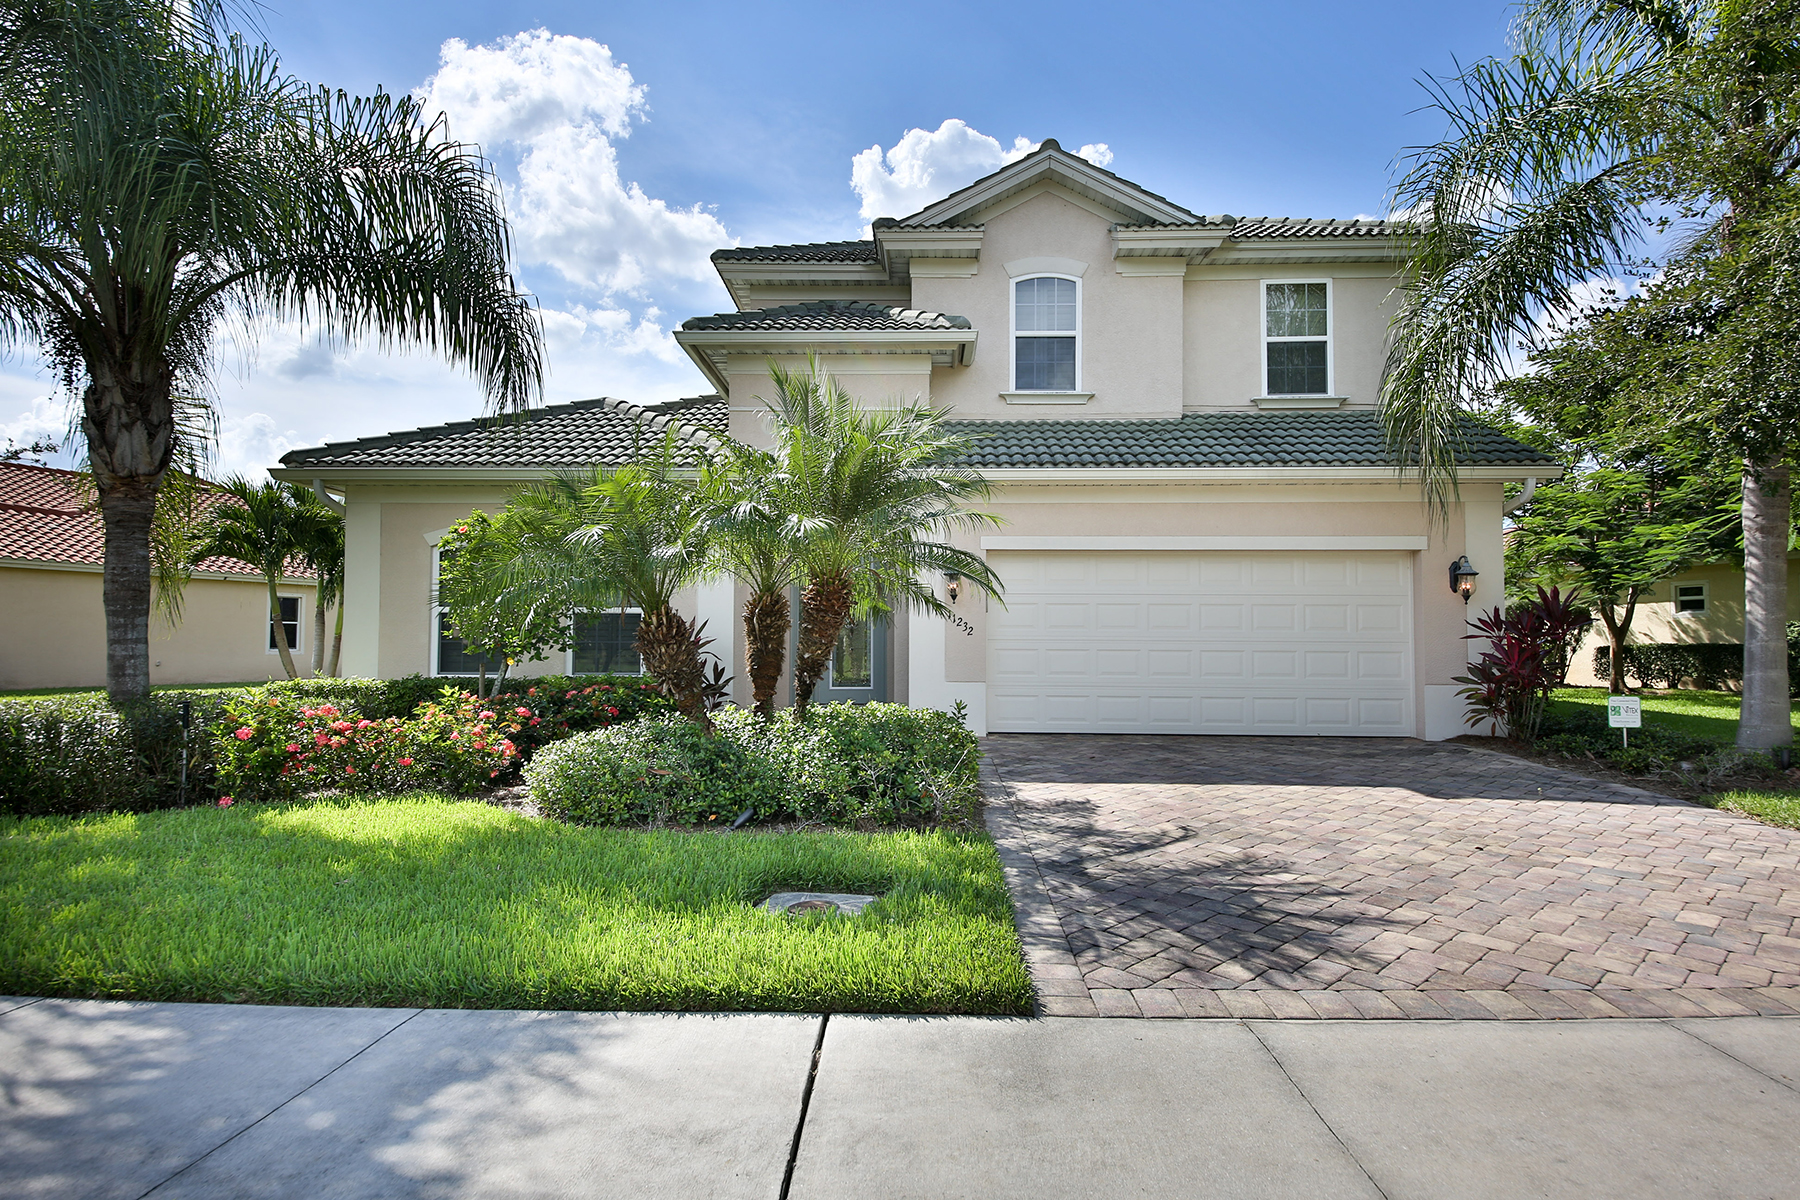 단독 가정 주택 용 매매 에 BRIDGETOWN AT THE PLANTATION 11232 Lithgow Ln Fort Myers, 플로리다, 33913 미국